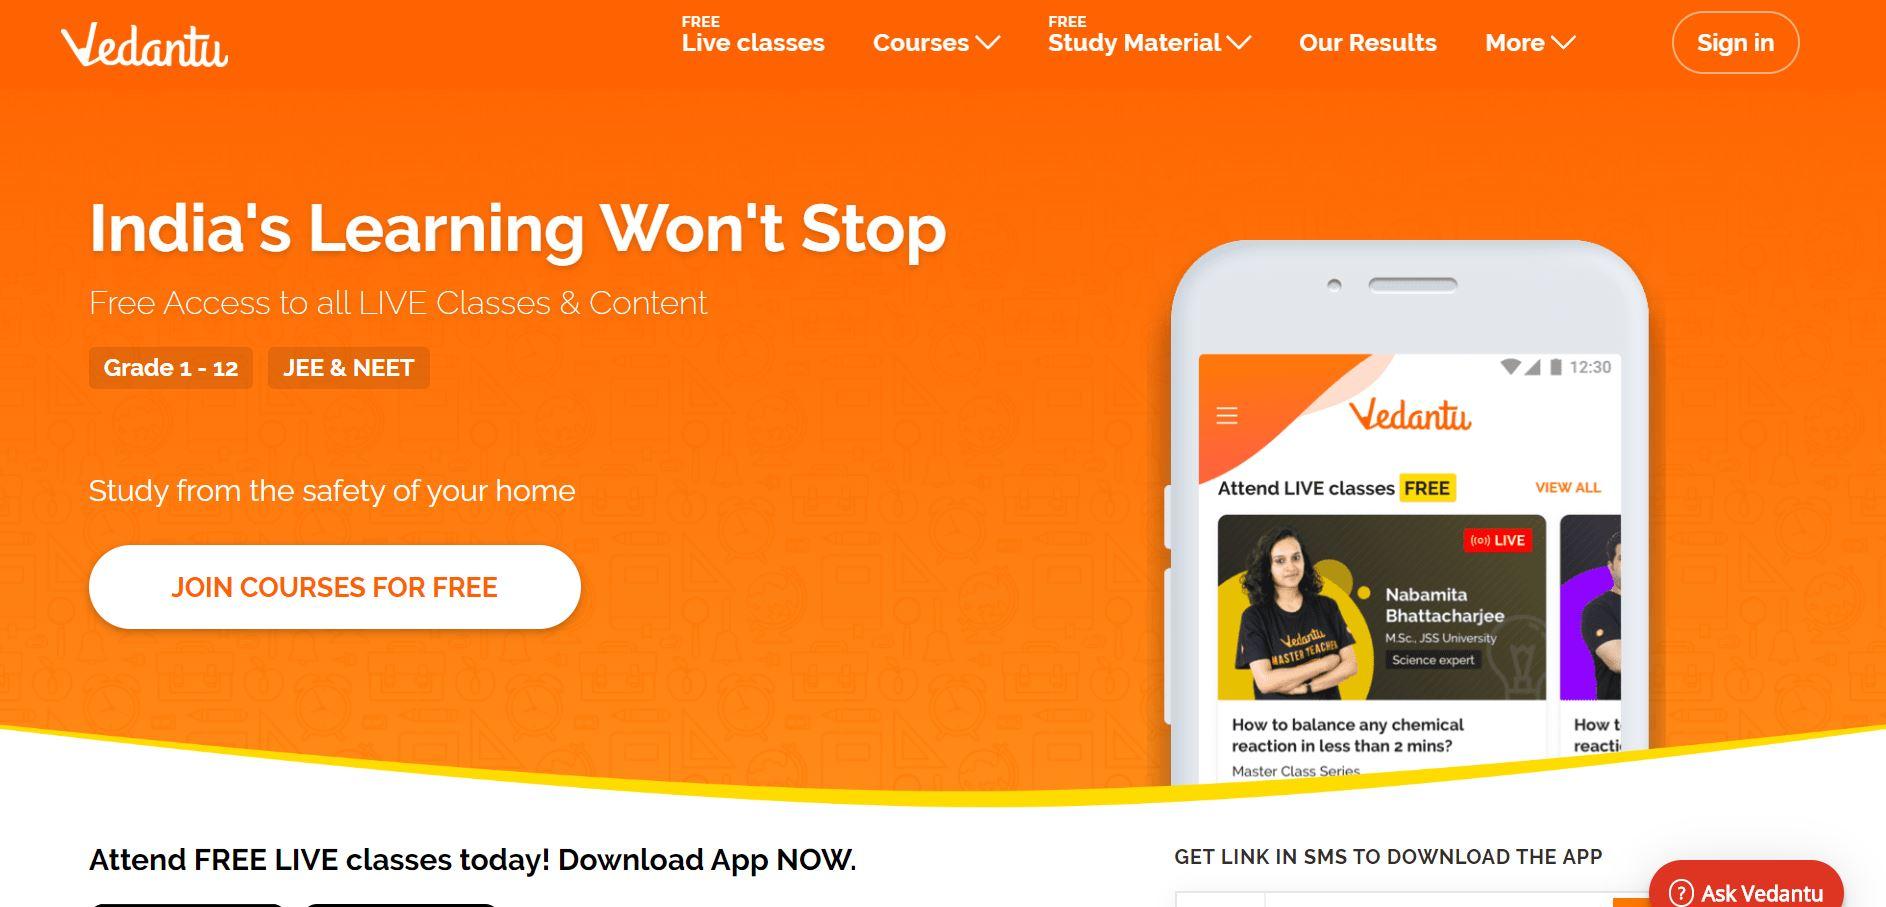 Vedantu Website